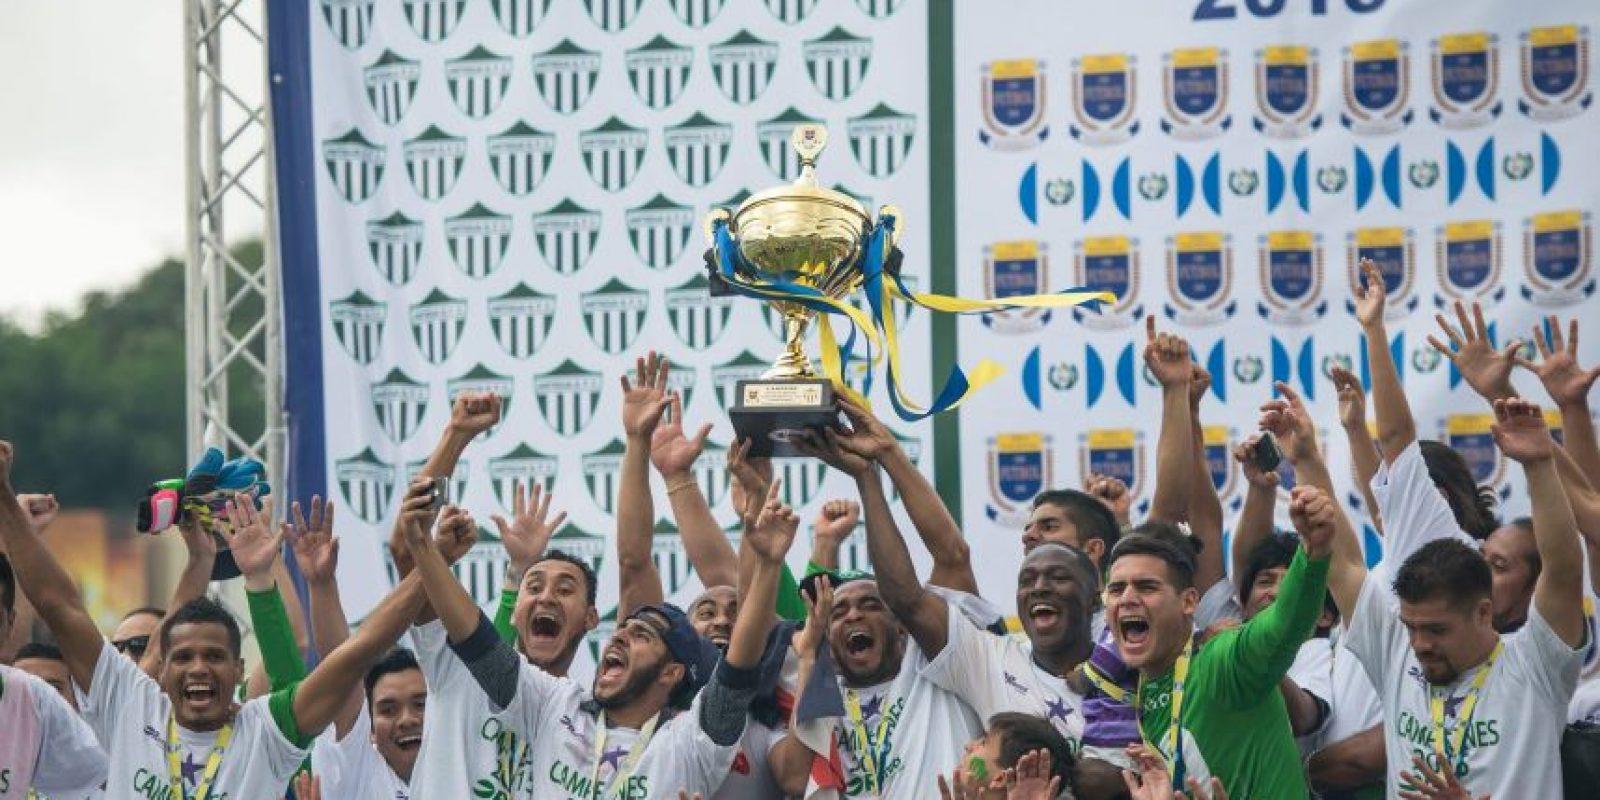 Momento en que los jugadores de Antigua alzaron la copa. Foto:Luis Carlos Nájera